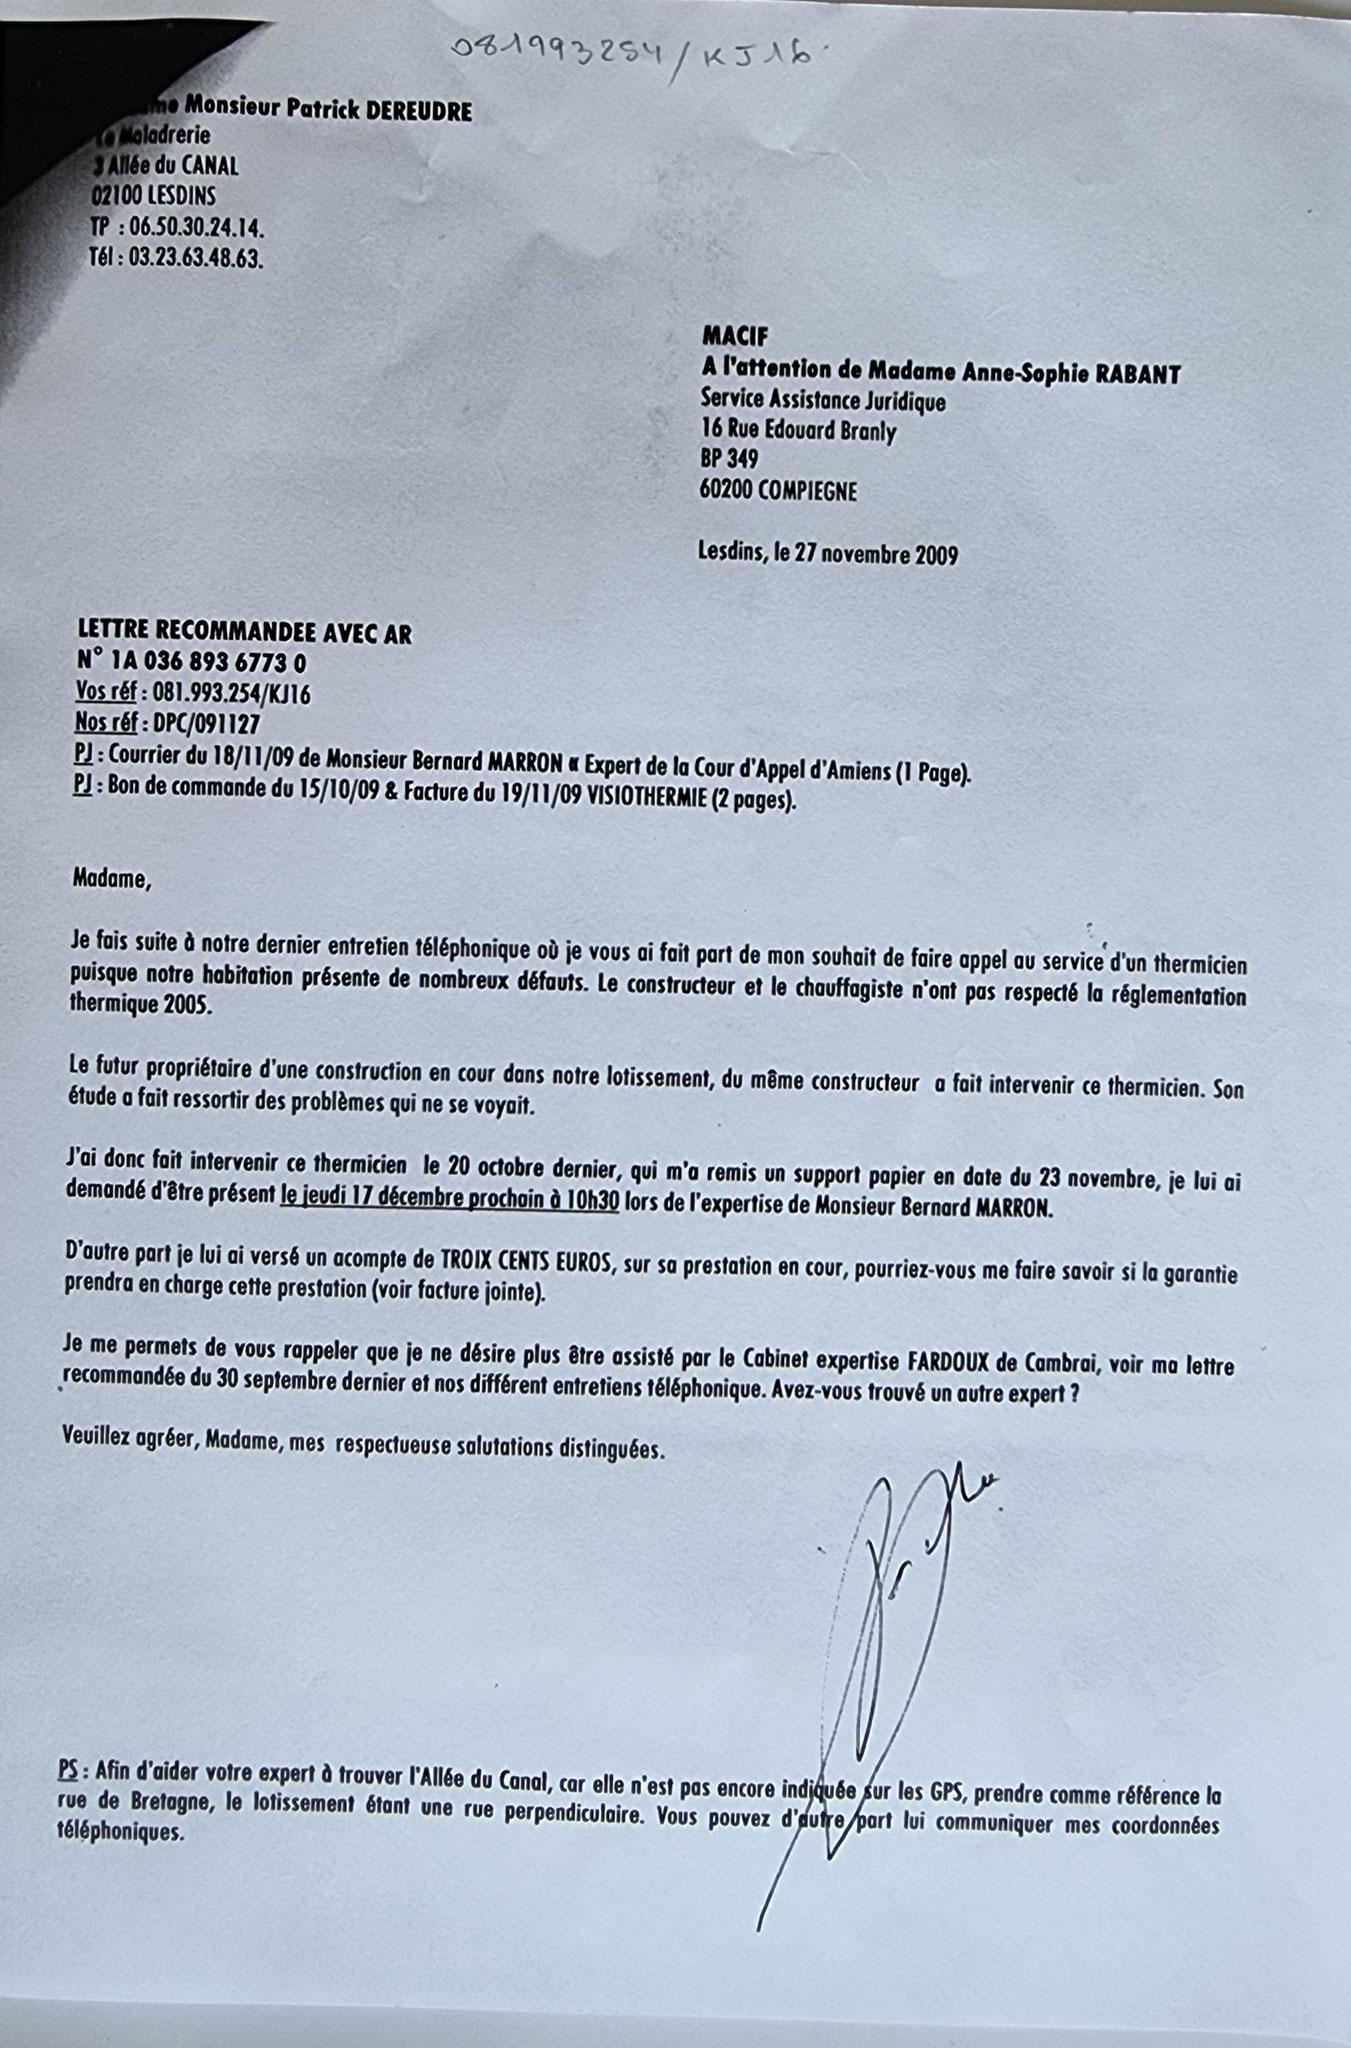 Le 27 Novembre 2009 j'adresse une LRAR à la MACIF.   INACCEPTABLE  BORDERLINE    EXPERTISES JUDICIAIRES ENTRE COPAINS... www.jesuispatrick.fr www.jesuisvictime.fr